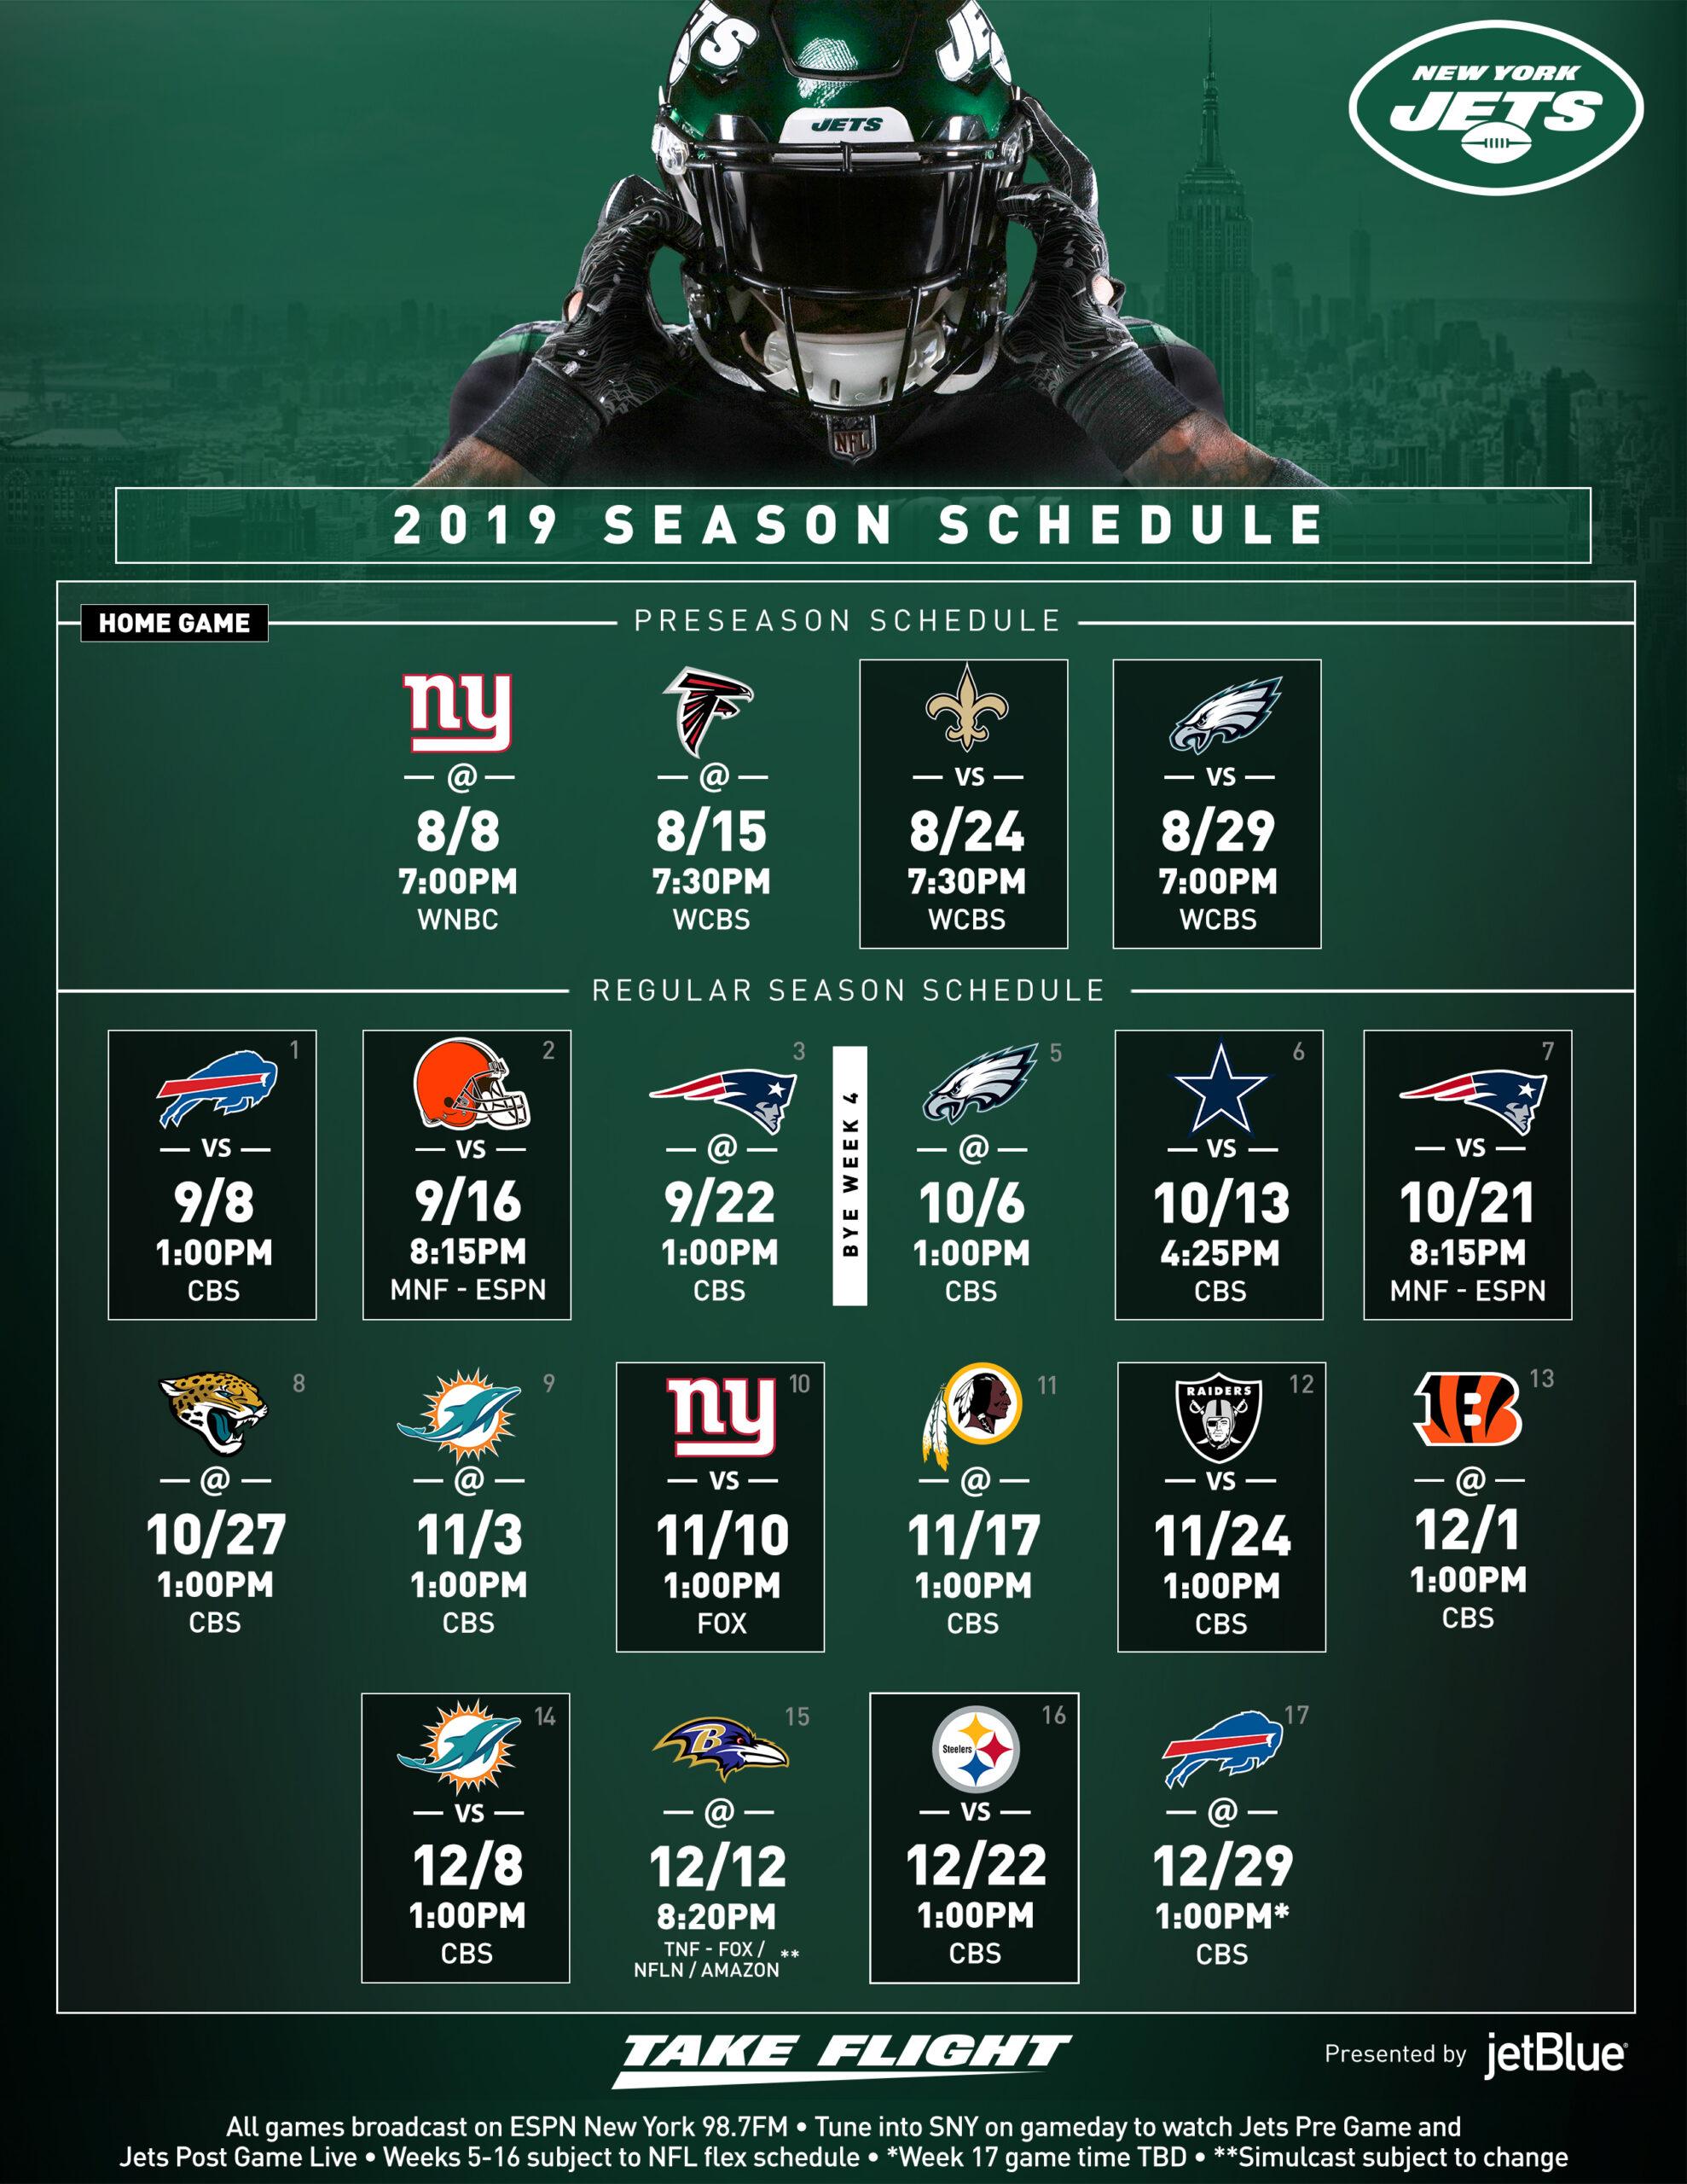 New York Jets Schedule